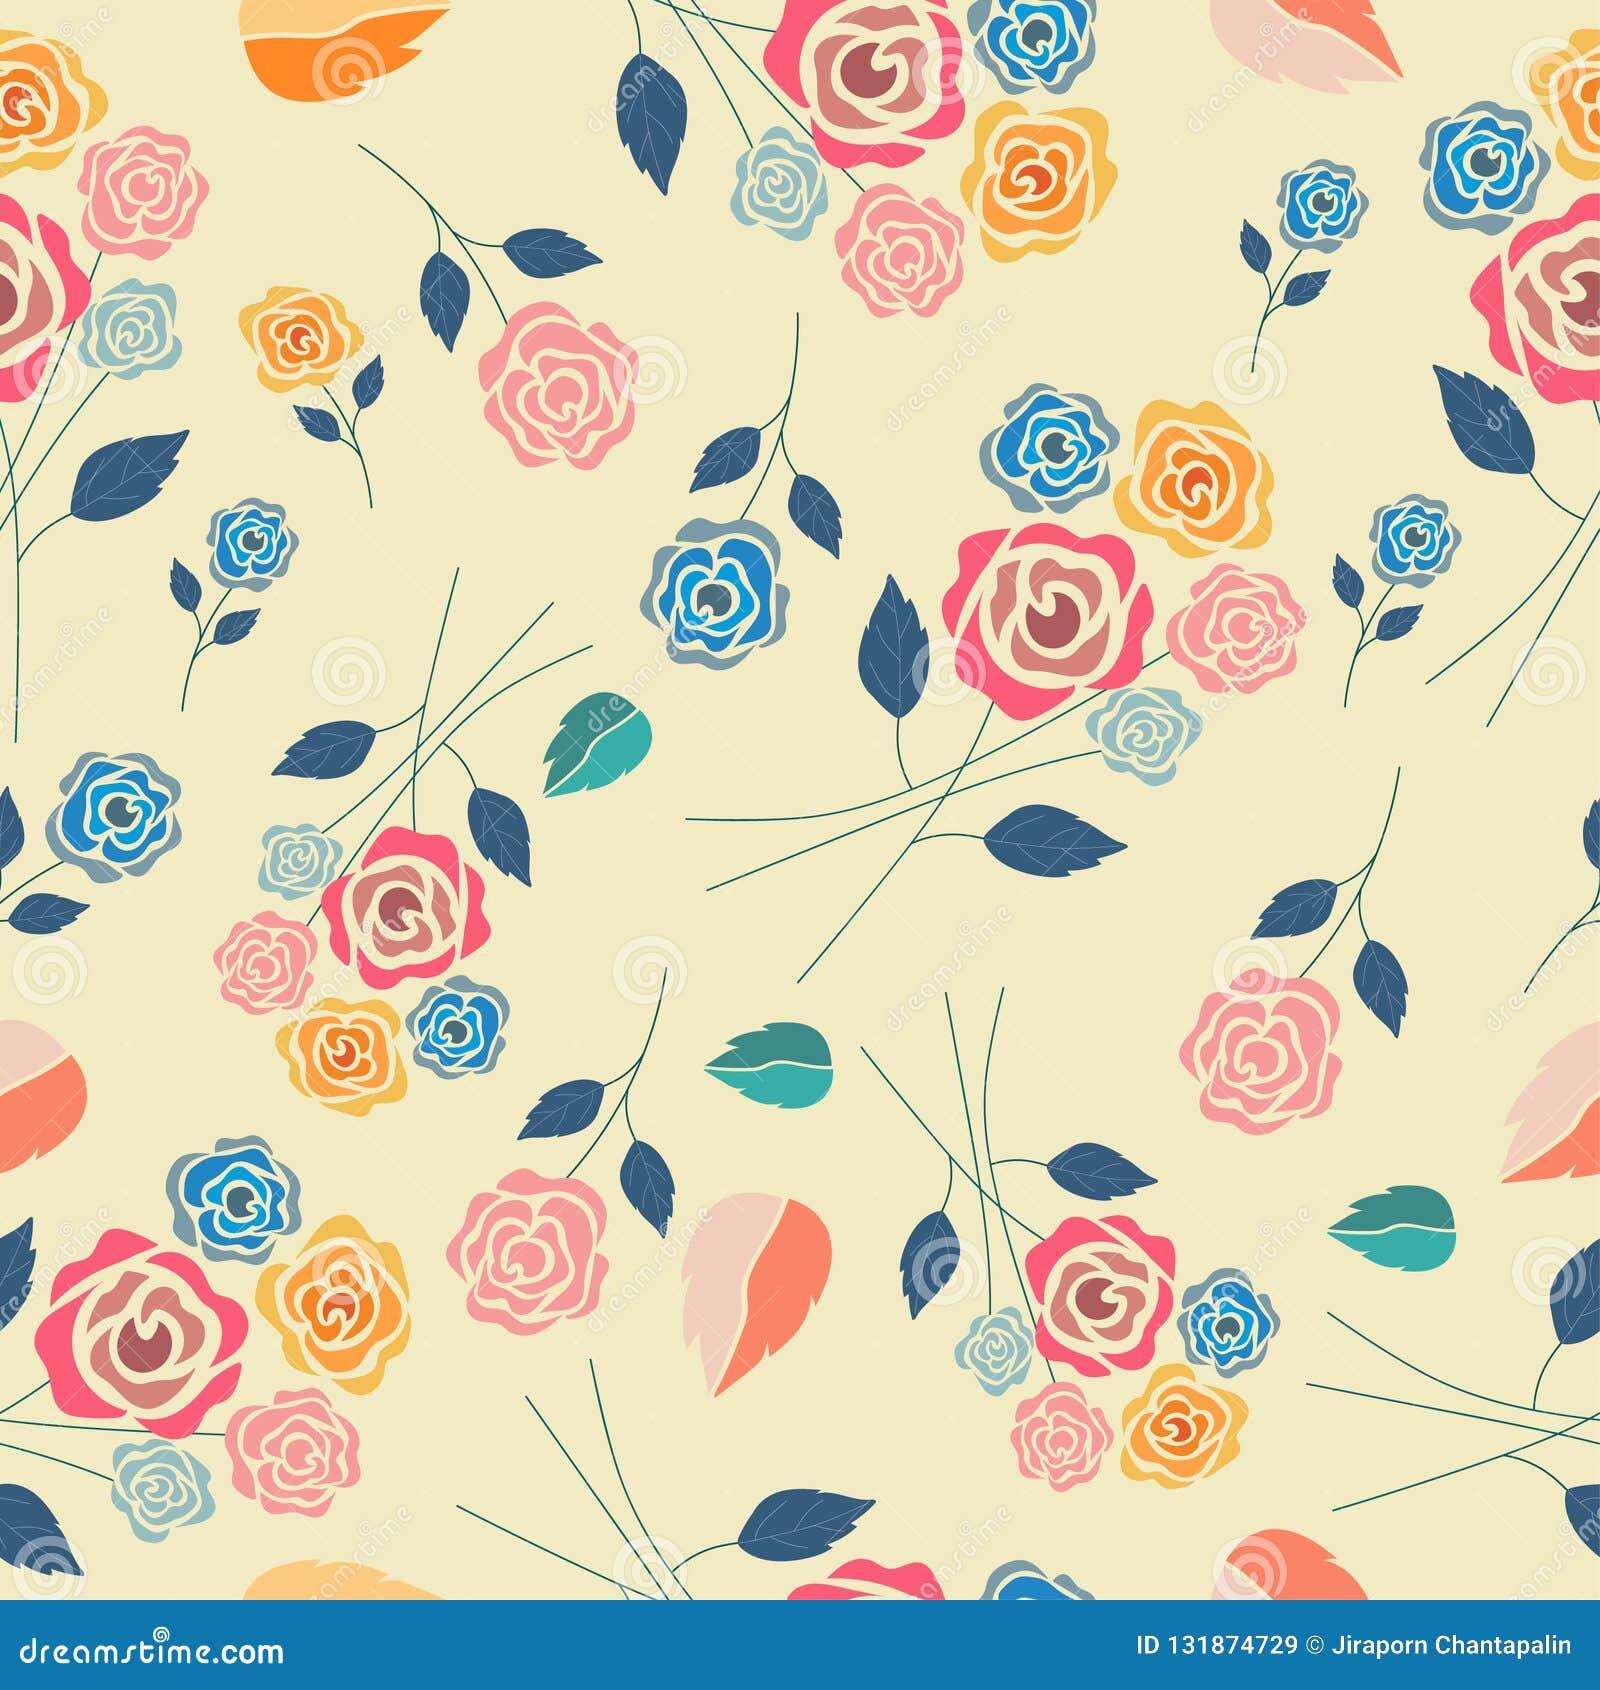 Pastel vintage rose seamless pattern